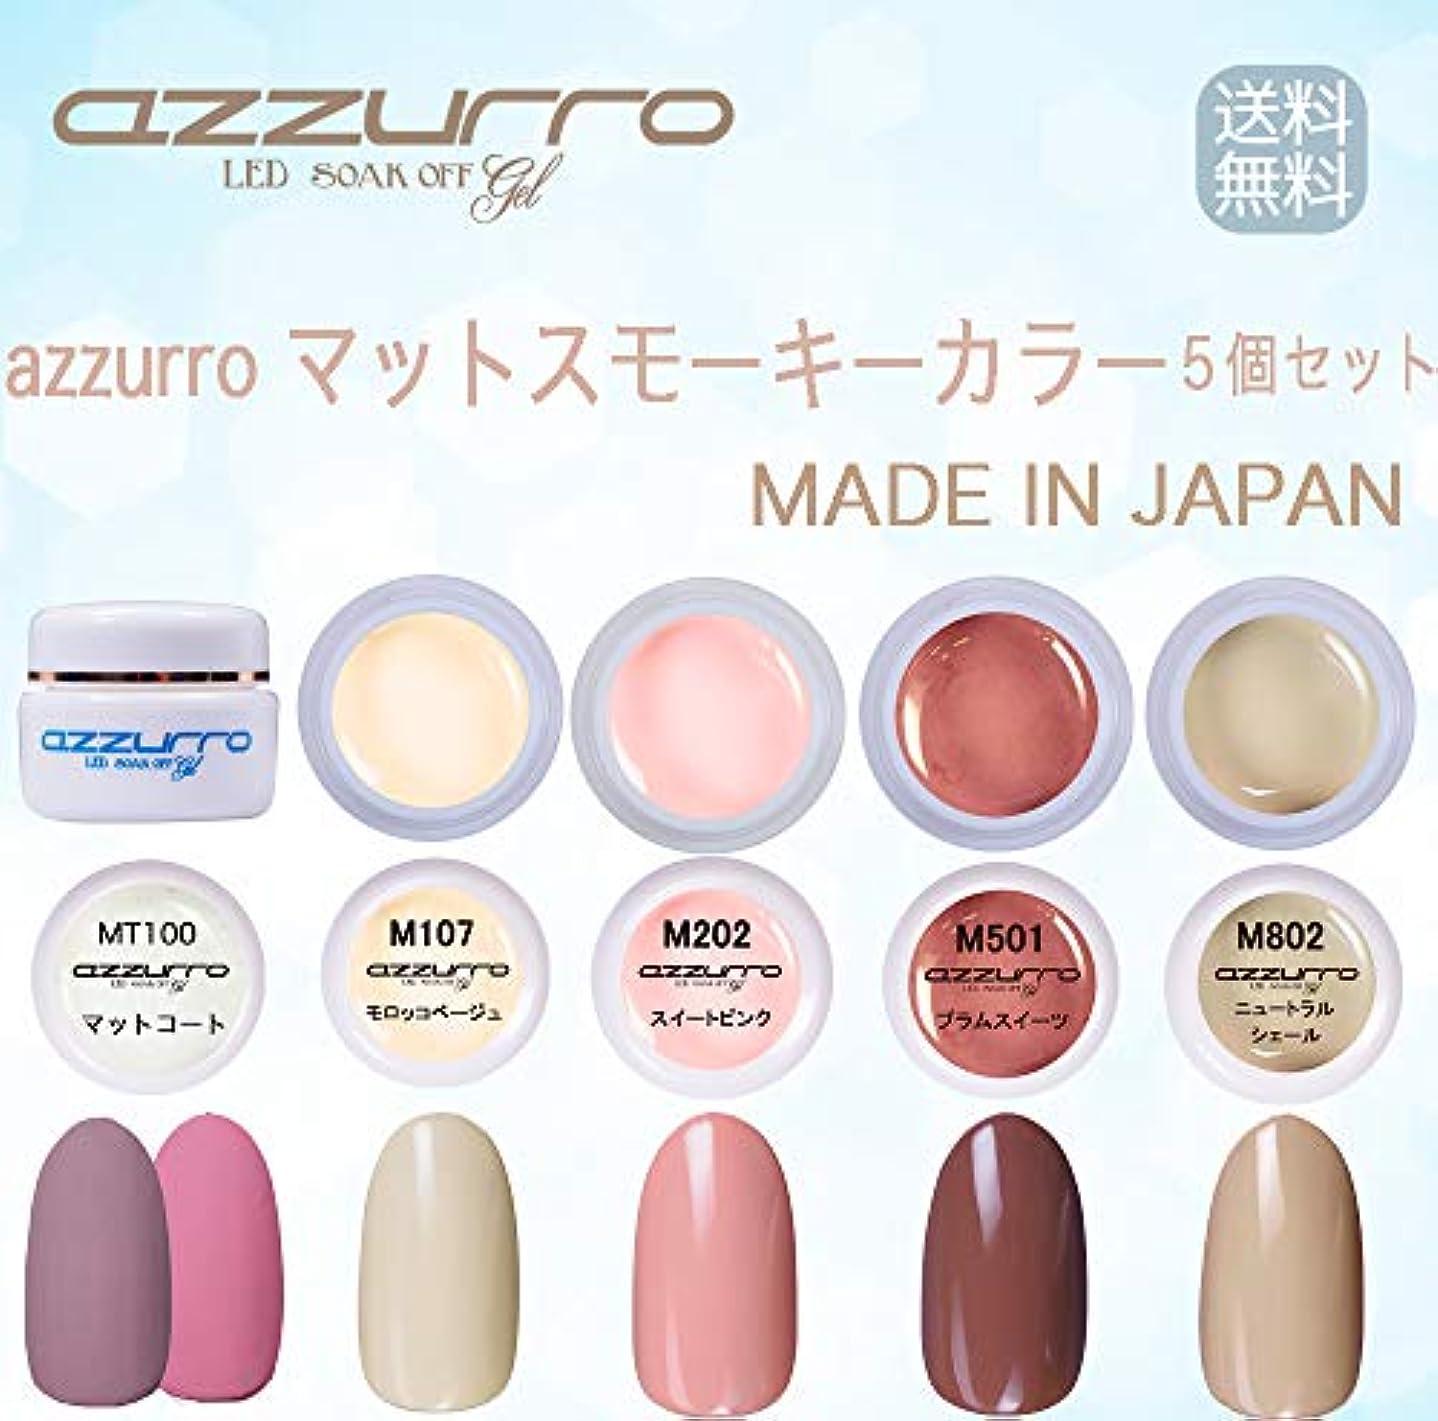 注釈強風許可する【送料無料】日本製 azzurro gel マットスモーキーパステルカラー5個セット 春色にもかかせないマットコートとスモーキーパステルカラー